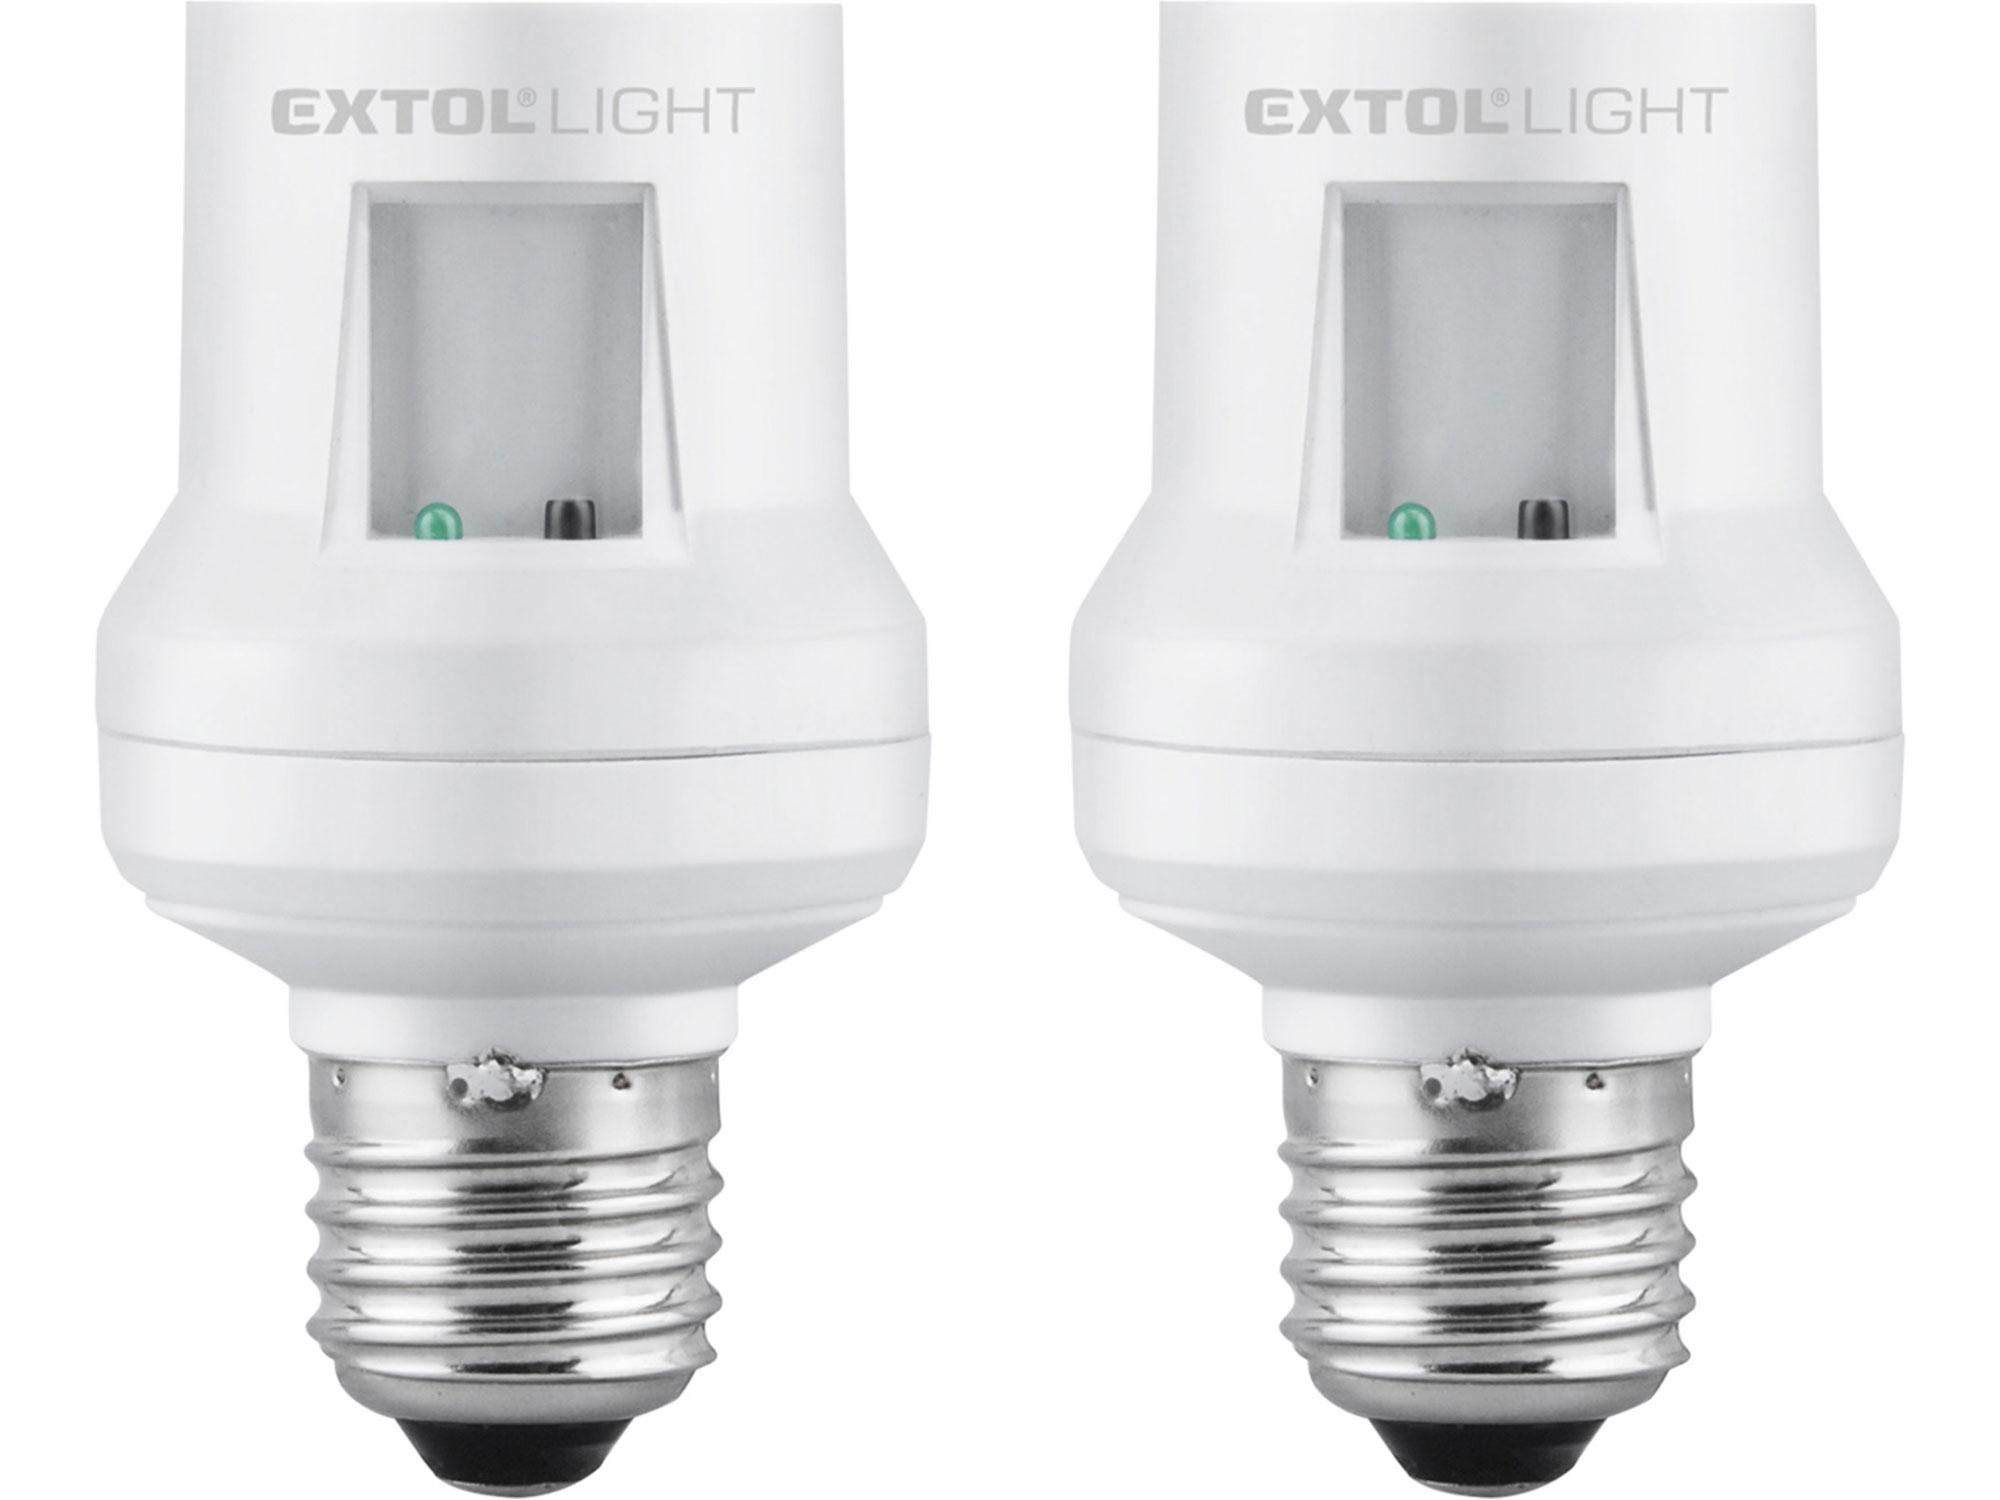 Objímka na žárovku dálkově ovládaná, 2ks, max. 60W žárovka, E27, dosah EXTOL 43810